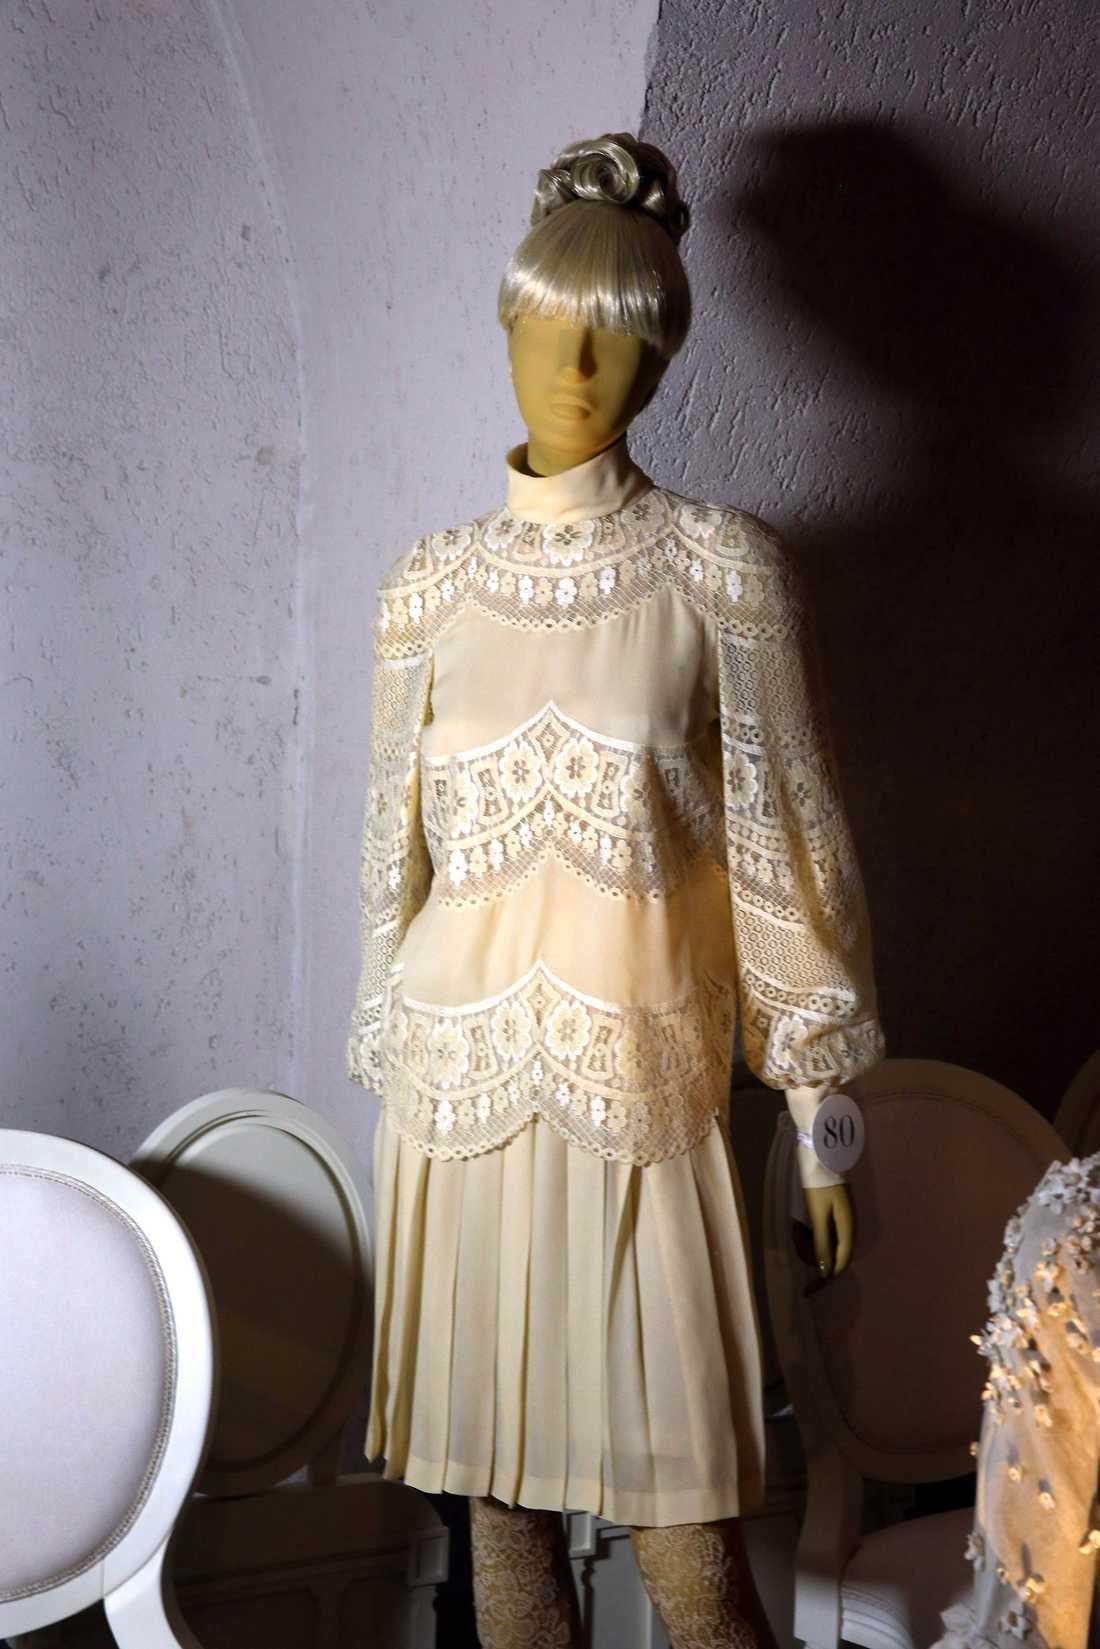 Jackie Onassis brudklänning visades upp på en utställning.